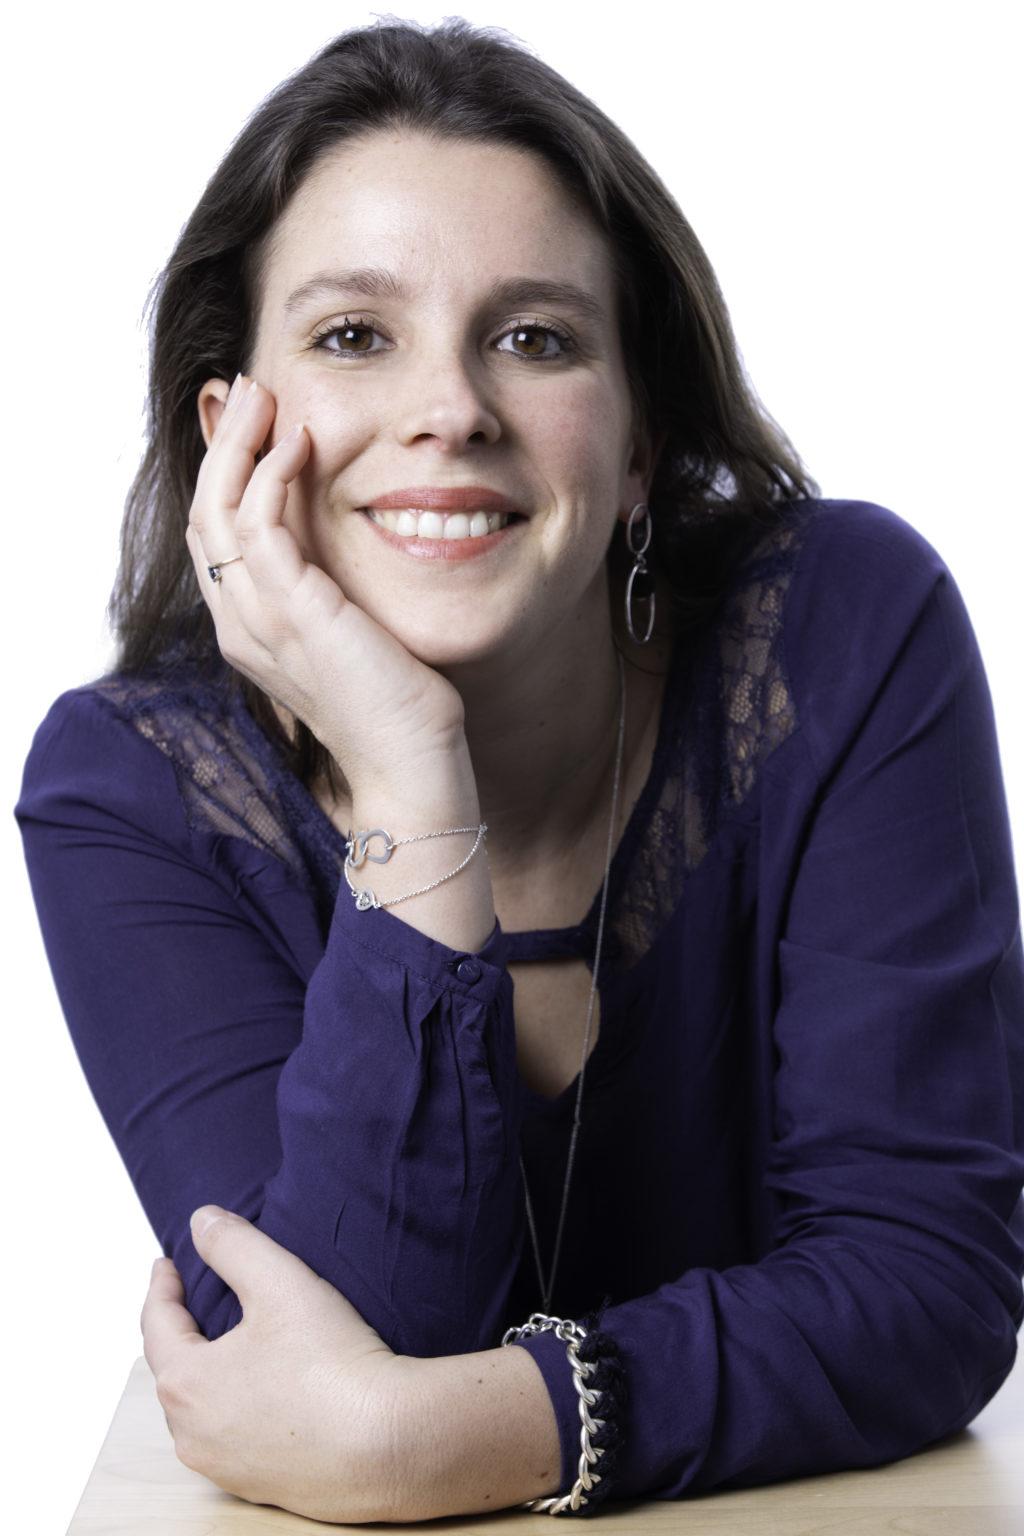 Laëtitia, éducatrice Montessori et hypnopraticienne / Animatrice des ateliers Montessori 0/3 ans et 3/8 ans